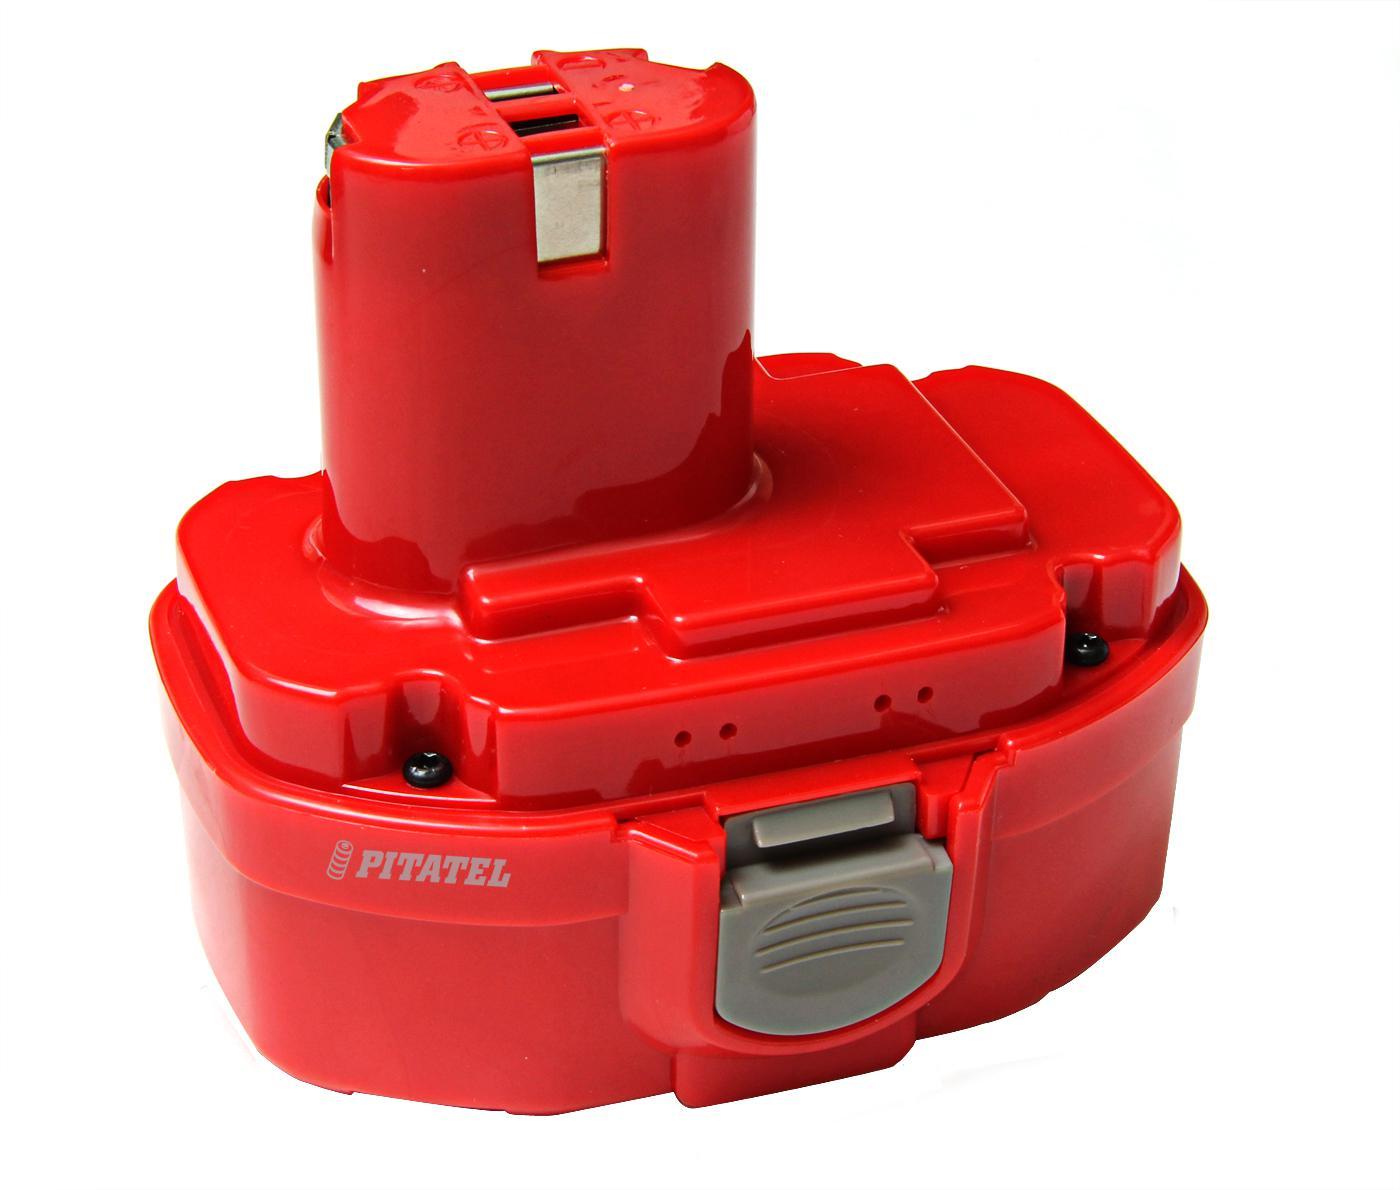 Аккумулятор Pitatel Tsb-033-mak18a-20c аккумулятор для инструмента pitatel для panasonic tsb 181 pan96b 20c